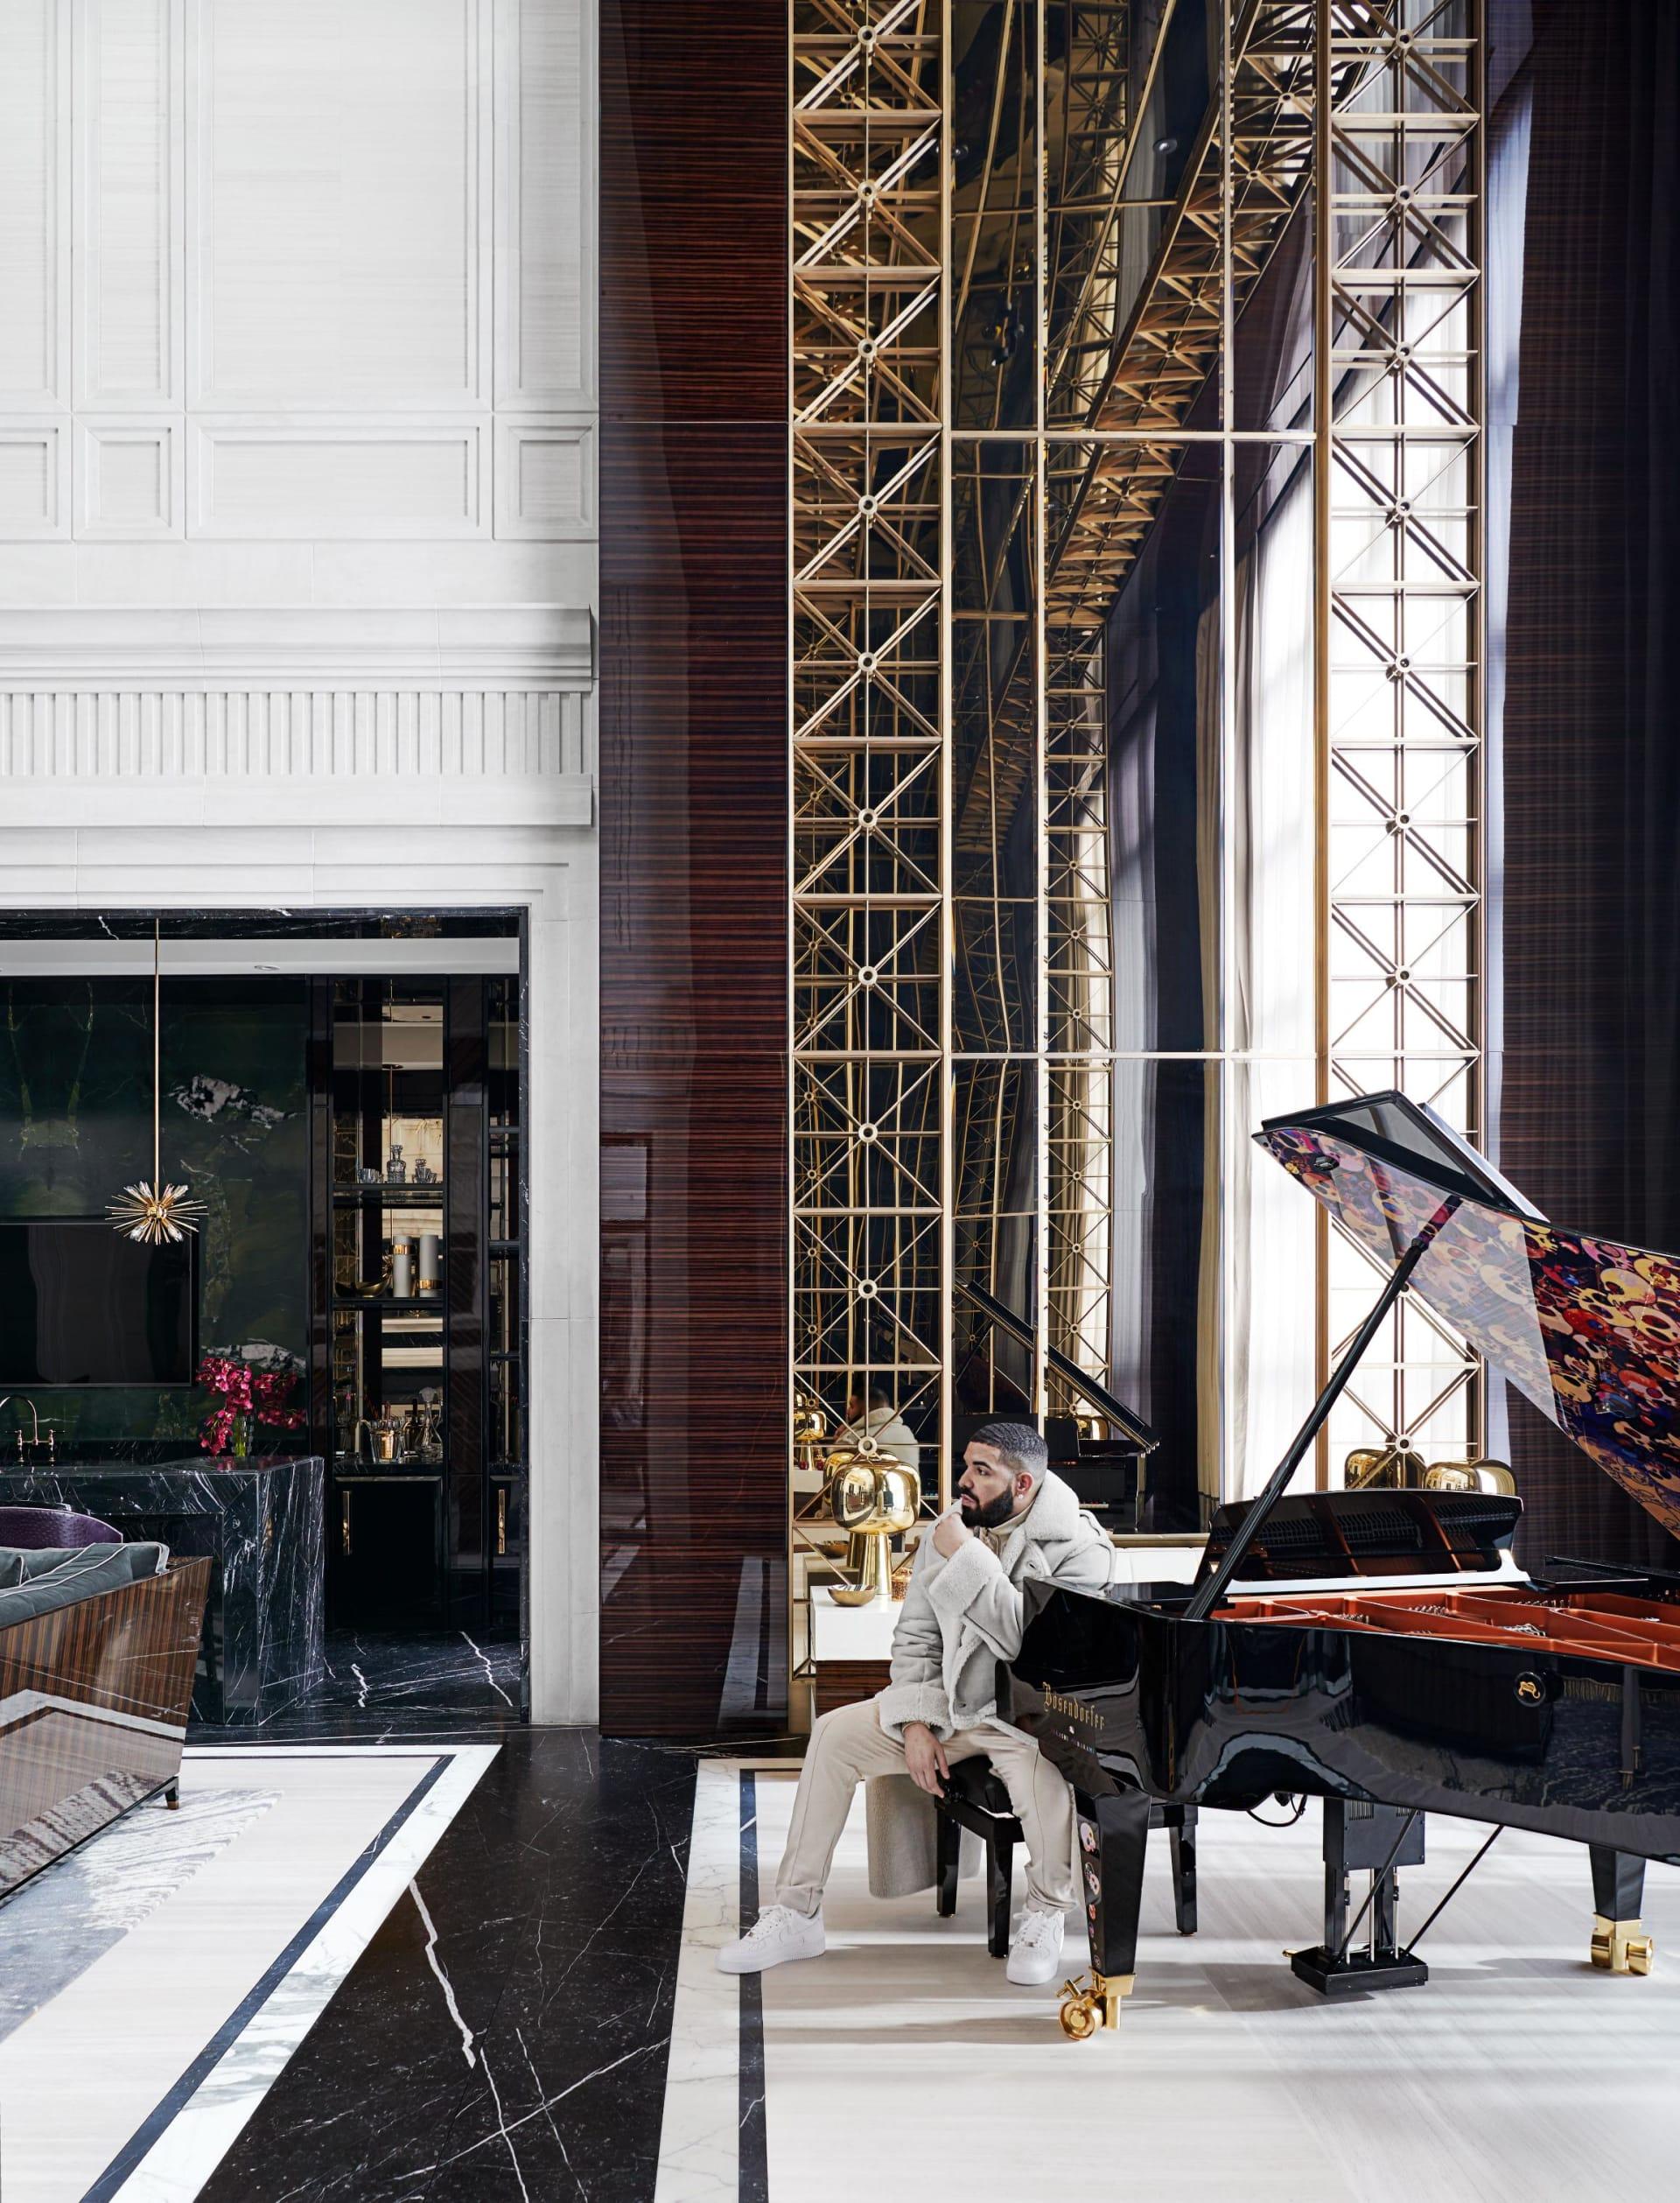 إلقي نظرة داخل قصر دريك الفاخر في تورنتو